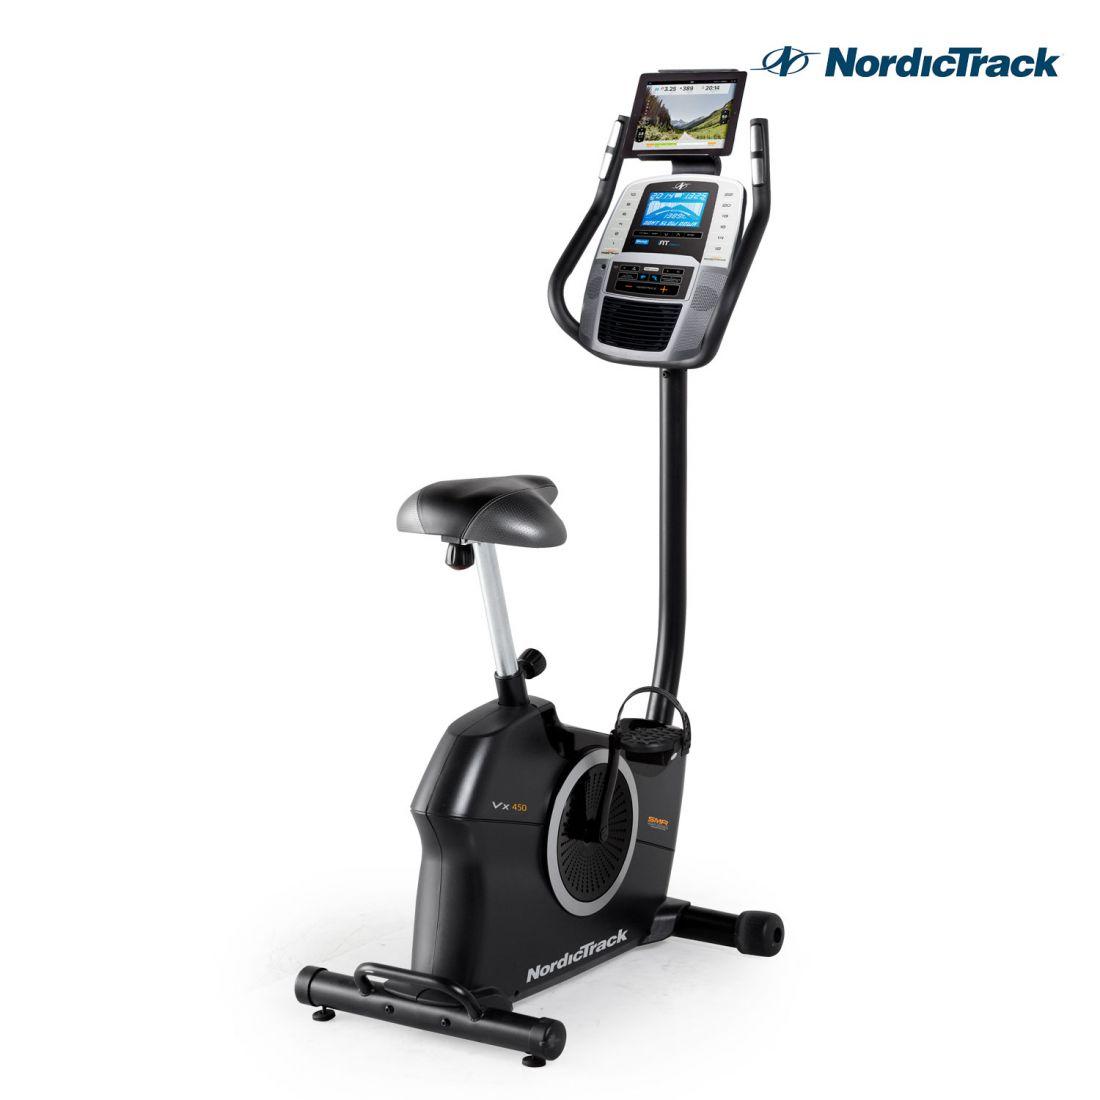 Велотренажер - NordicTrack VX 450